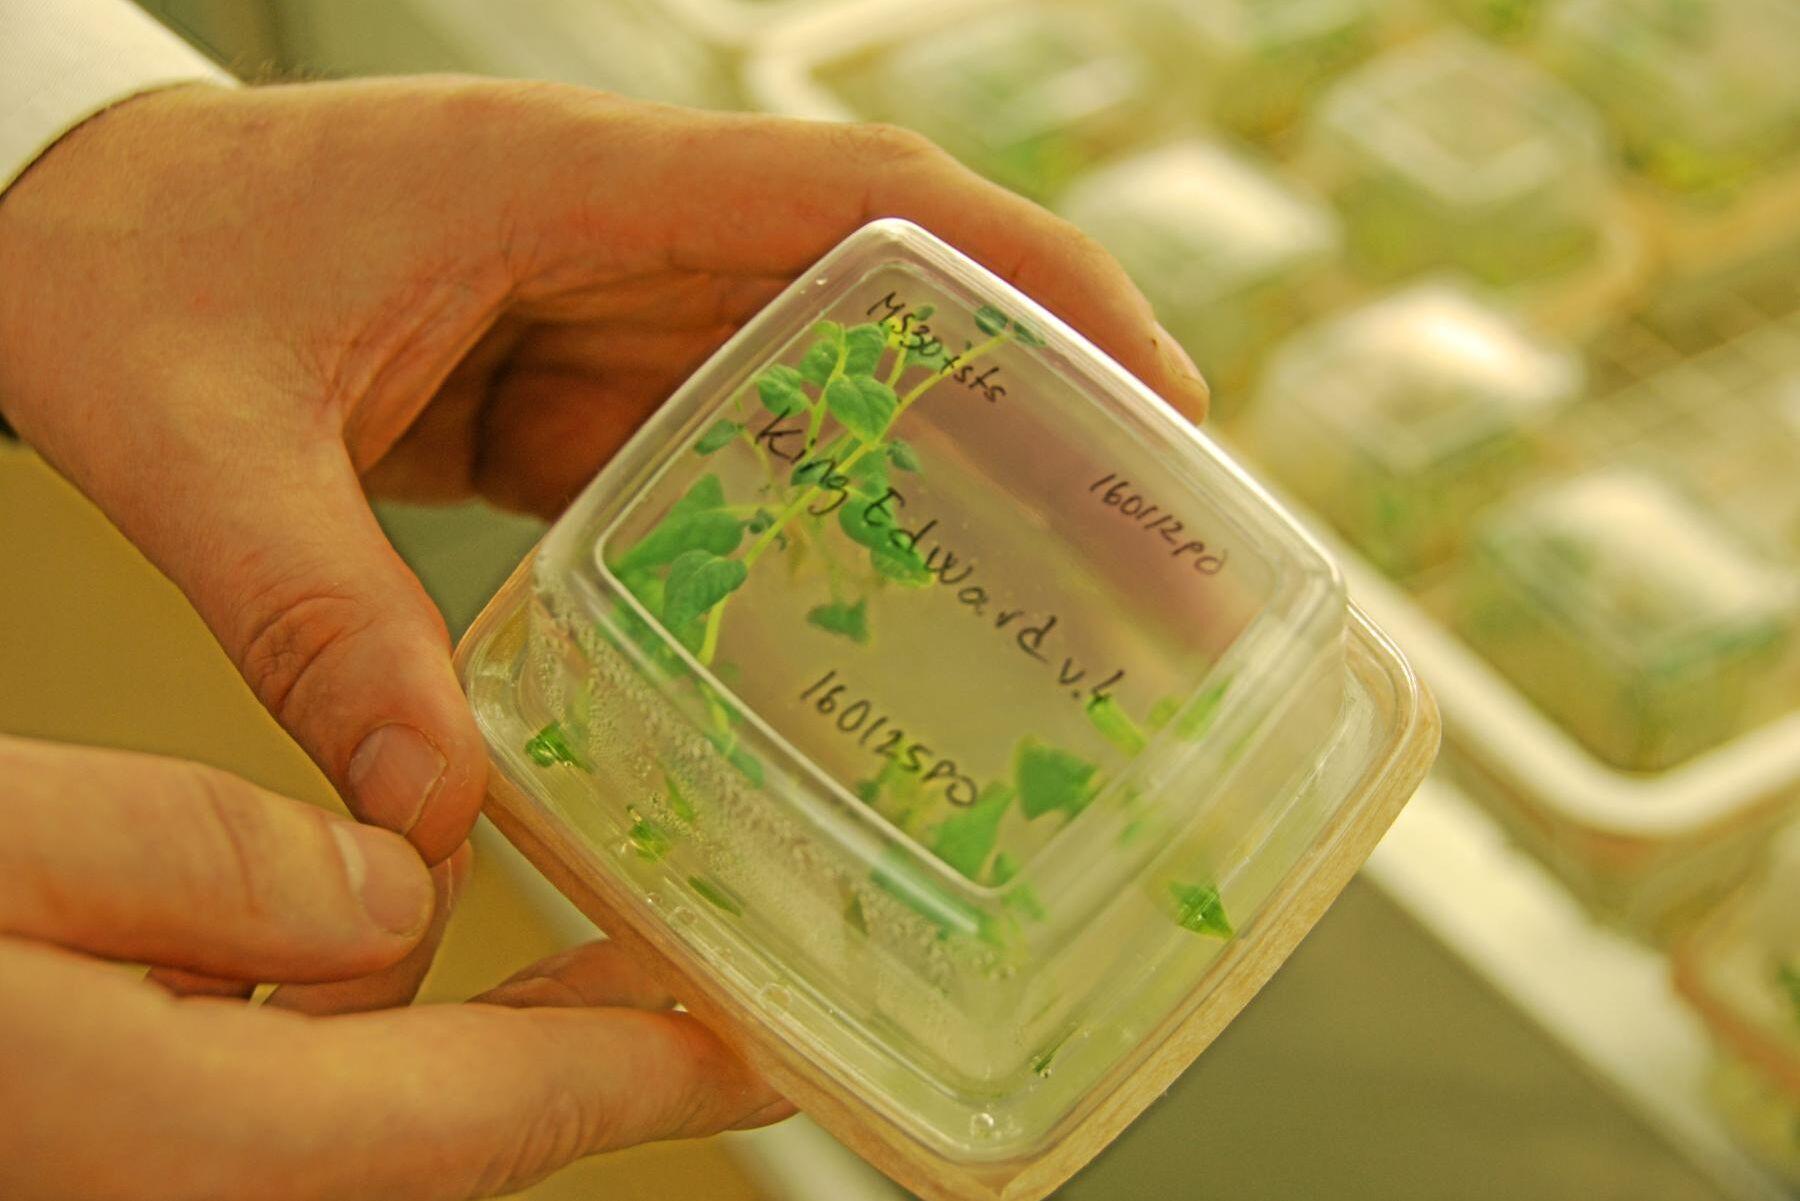 På SLU har man använt genredigering för att ta fram en potatis som är motståndskraftig mot bladmögel. Arkivbild.